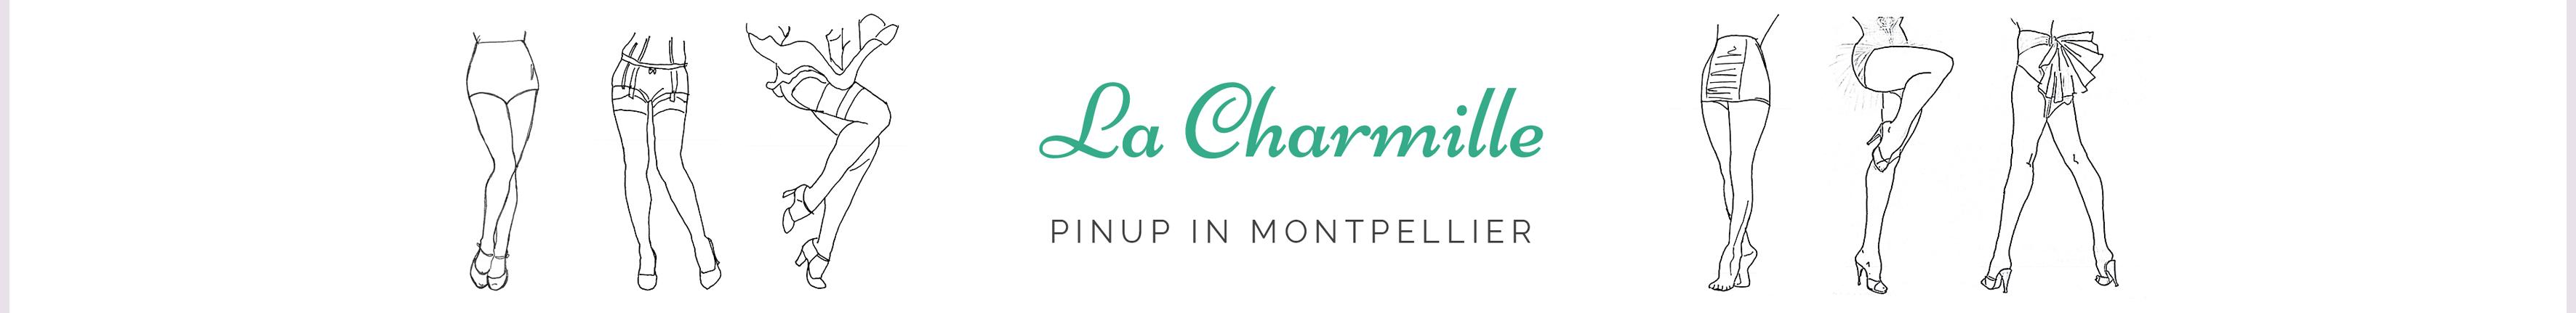 La Charmille